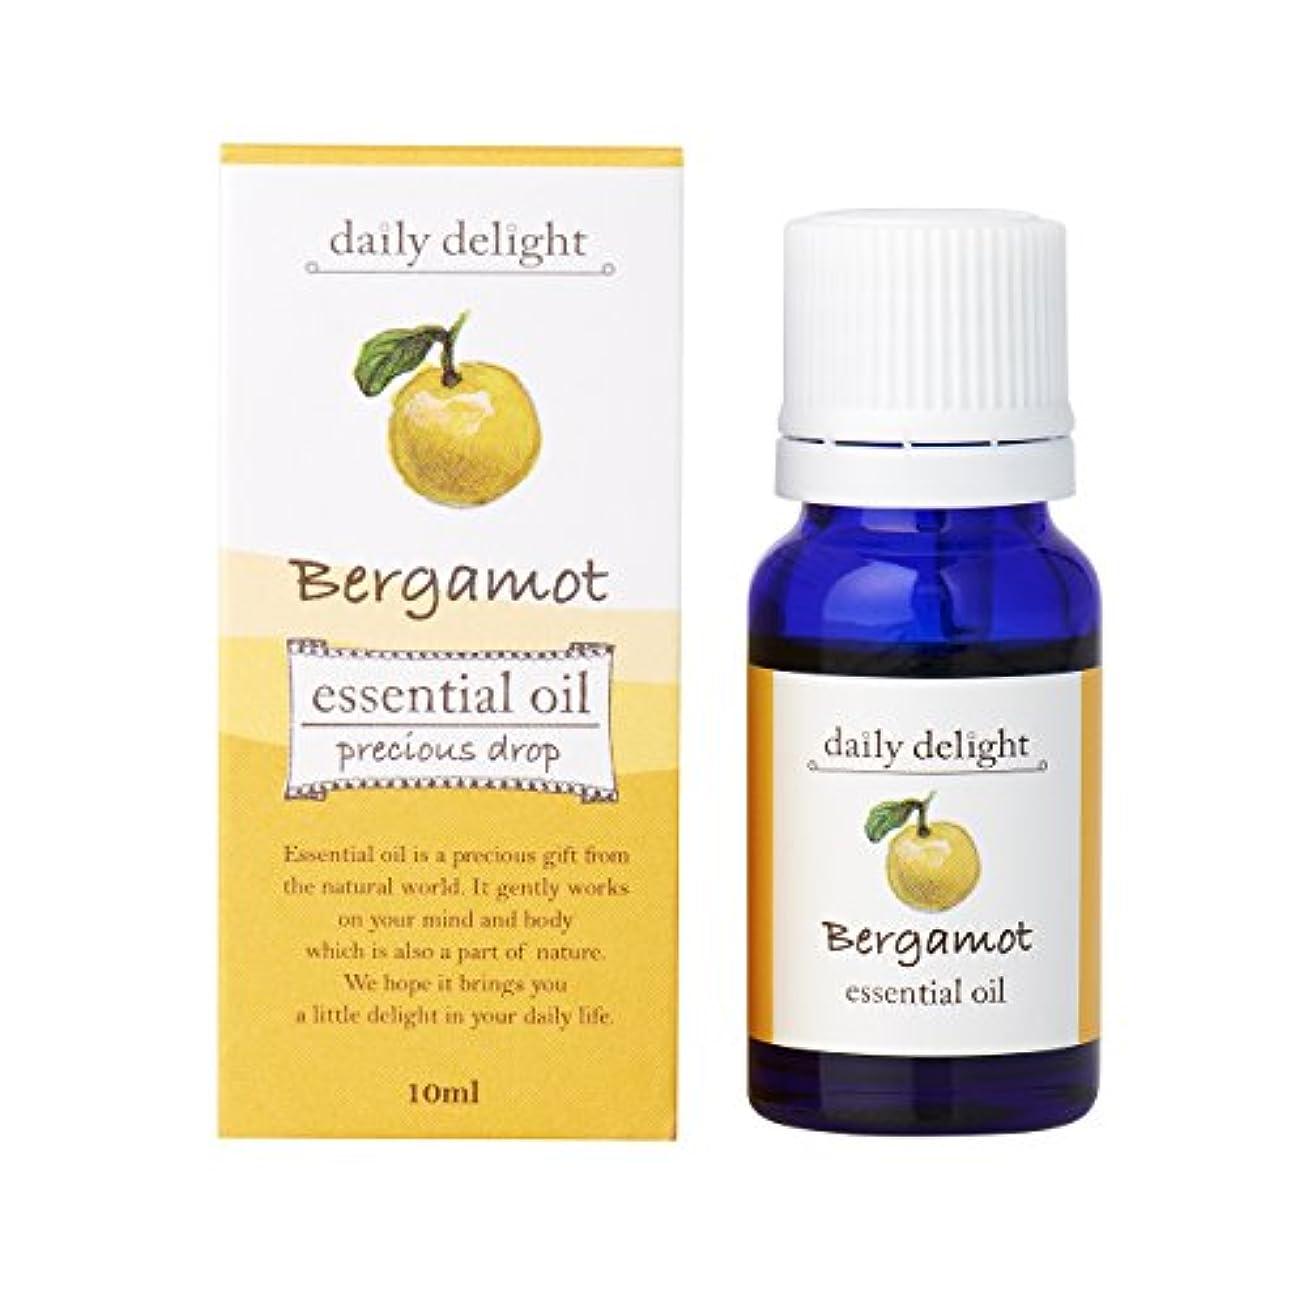 スラム耐えられない効果デイリーディライト エッセンシャルオイル  ベルガモット 10ml(天然100% 精油 アロマ 柑橘系 甘さが少なめでみずみずしく美しい香り)